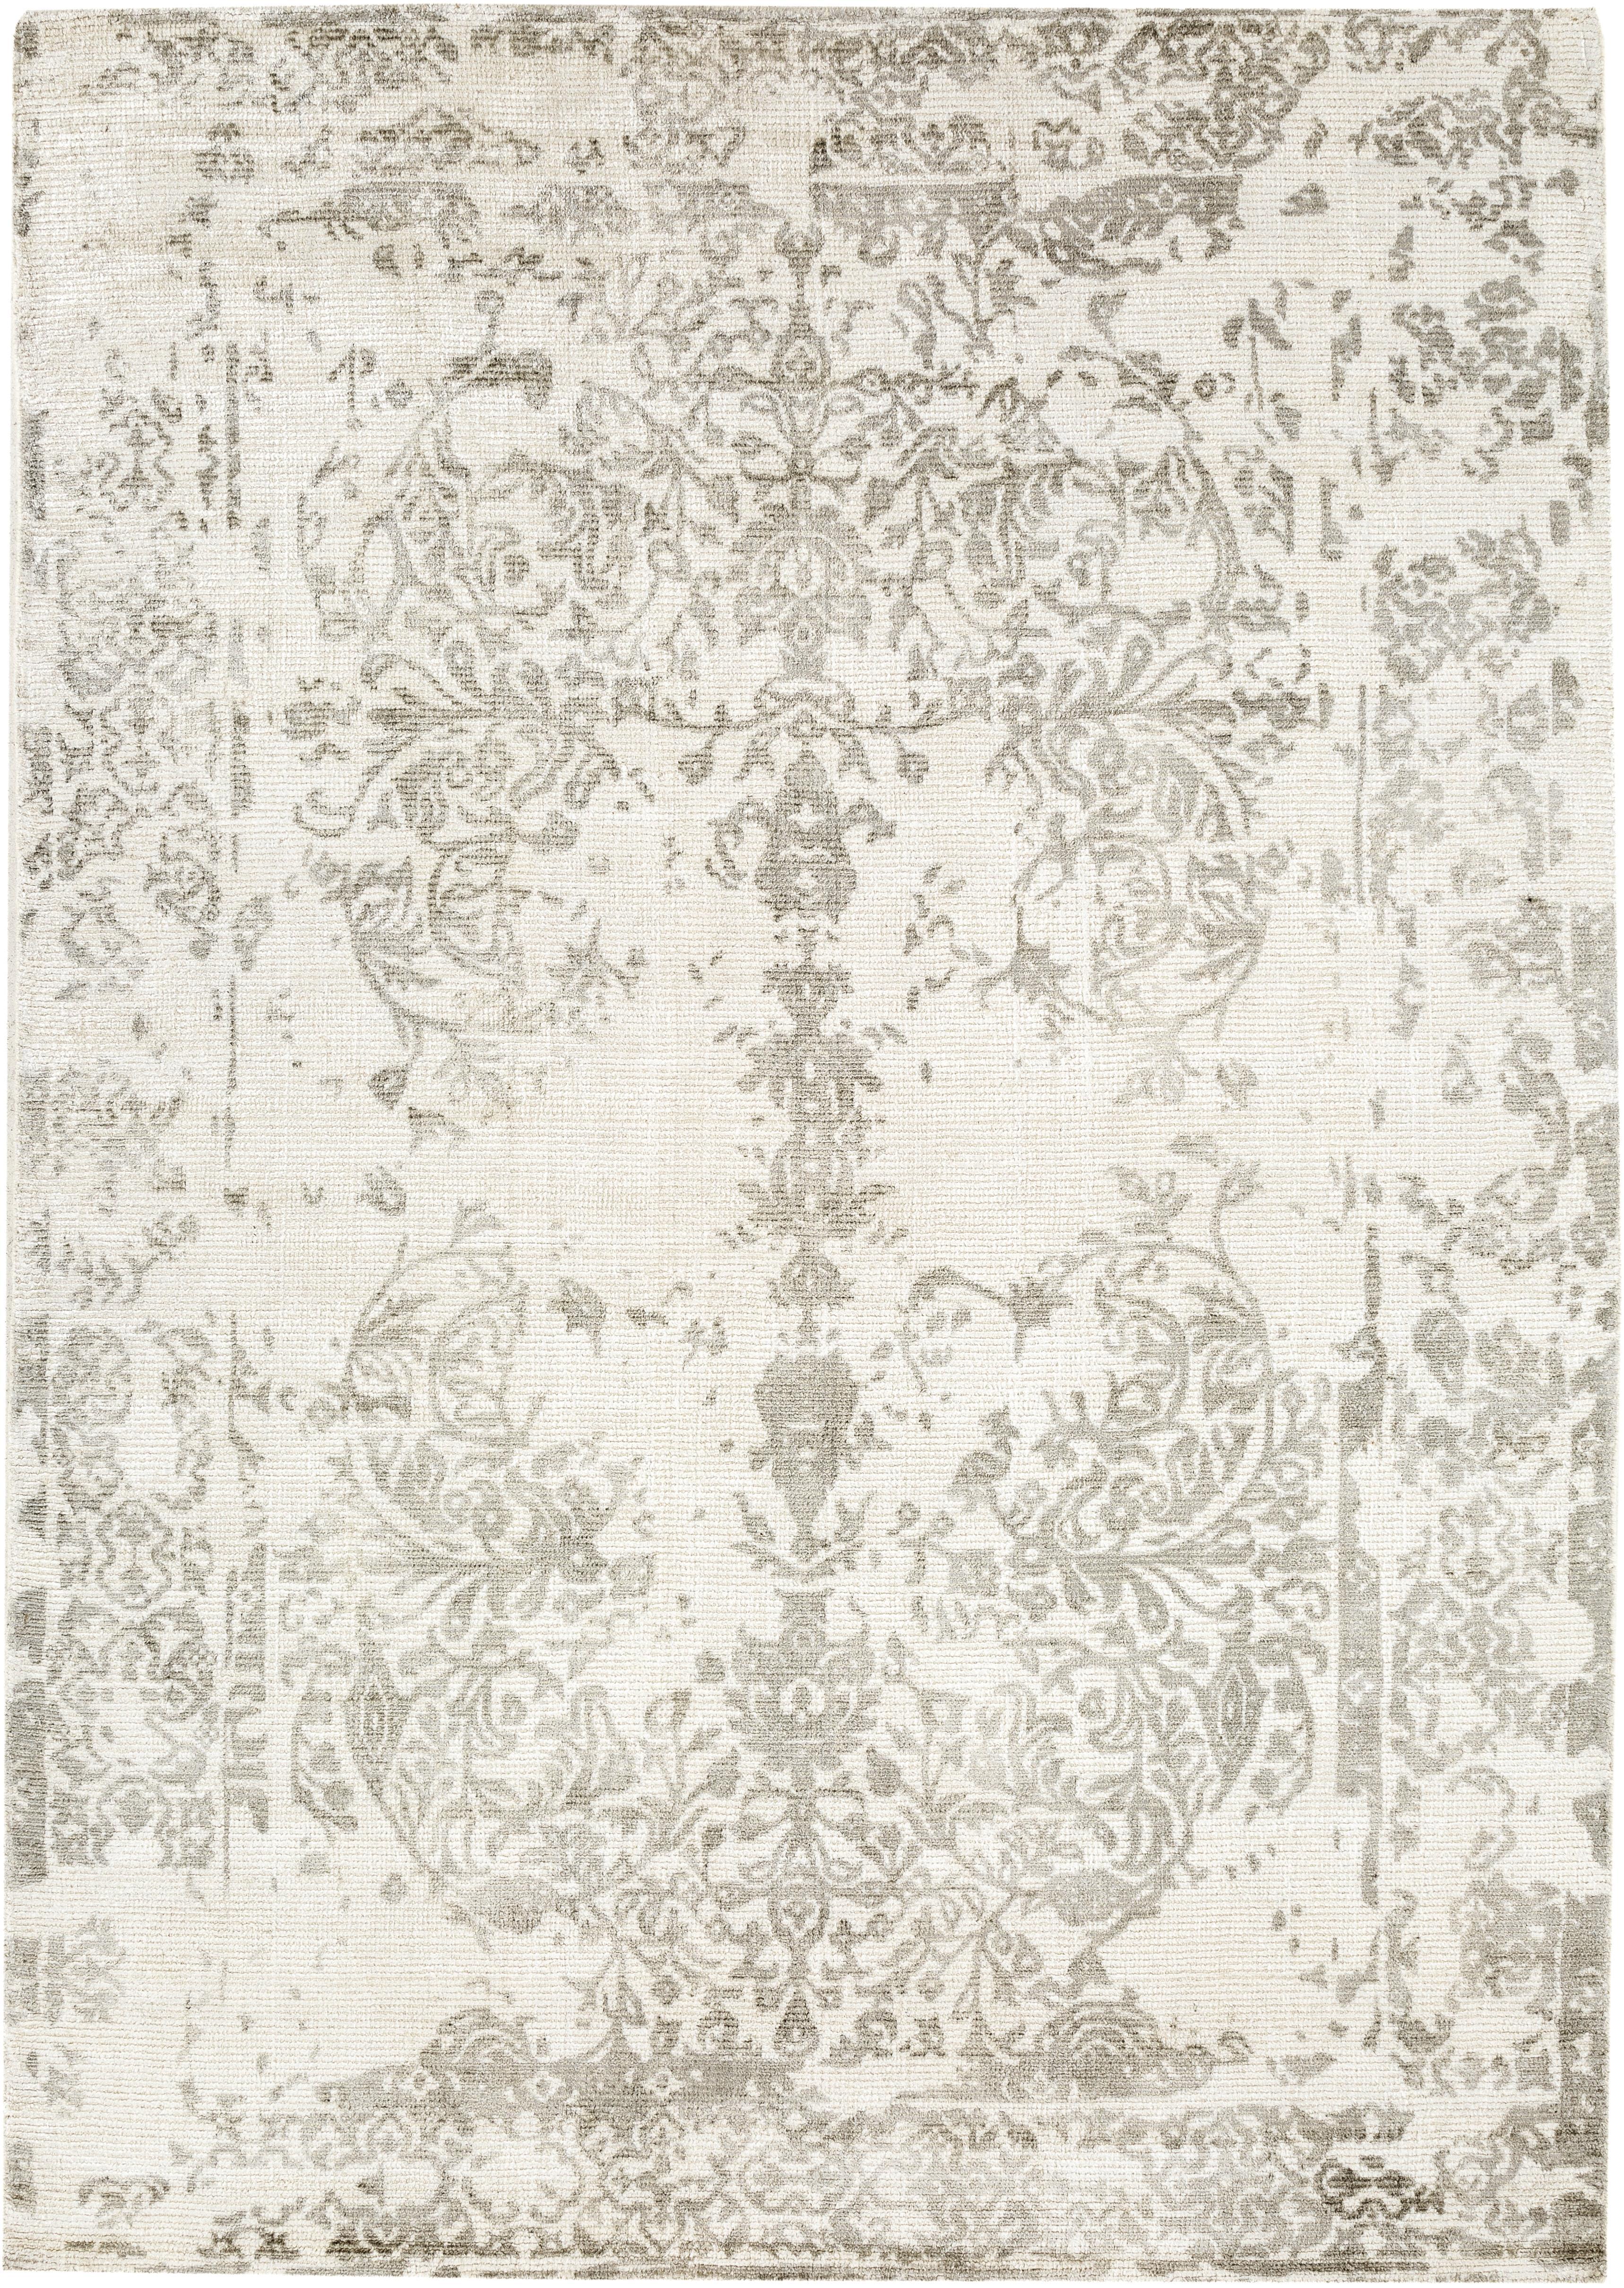 Vintage Teppich Florentine, Wolle/Viskose, Beige, Hellgrau, B 140 x L 200 cm (Größe S)